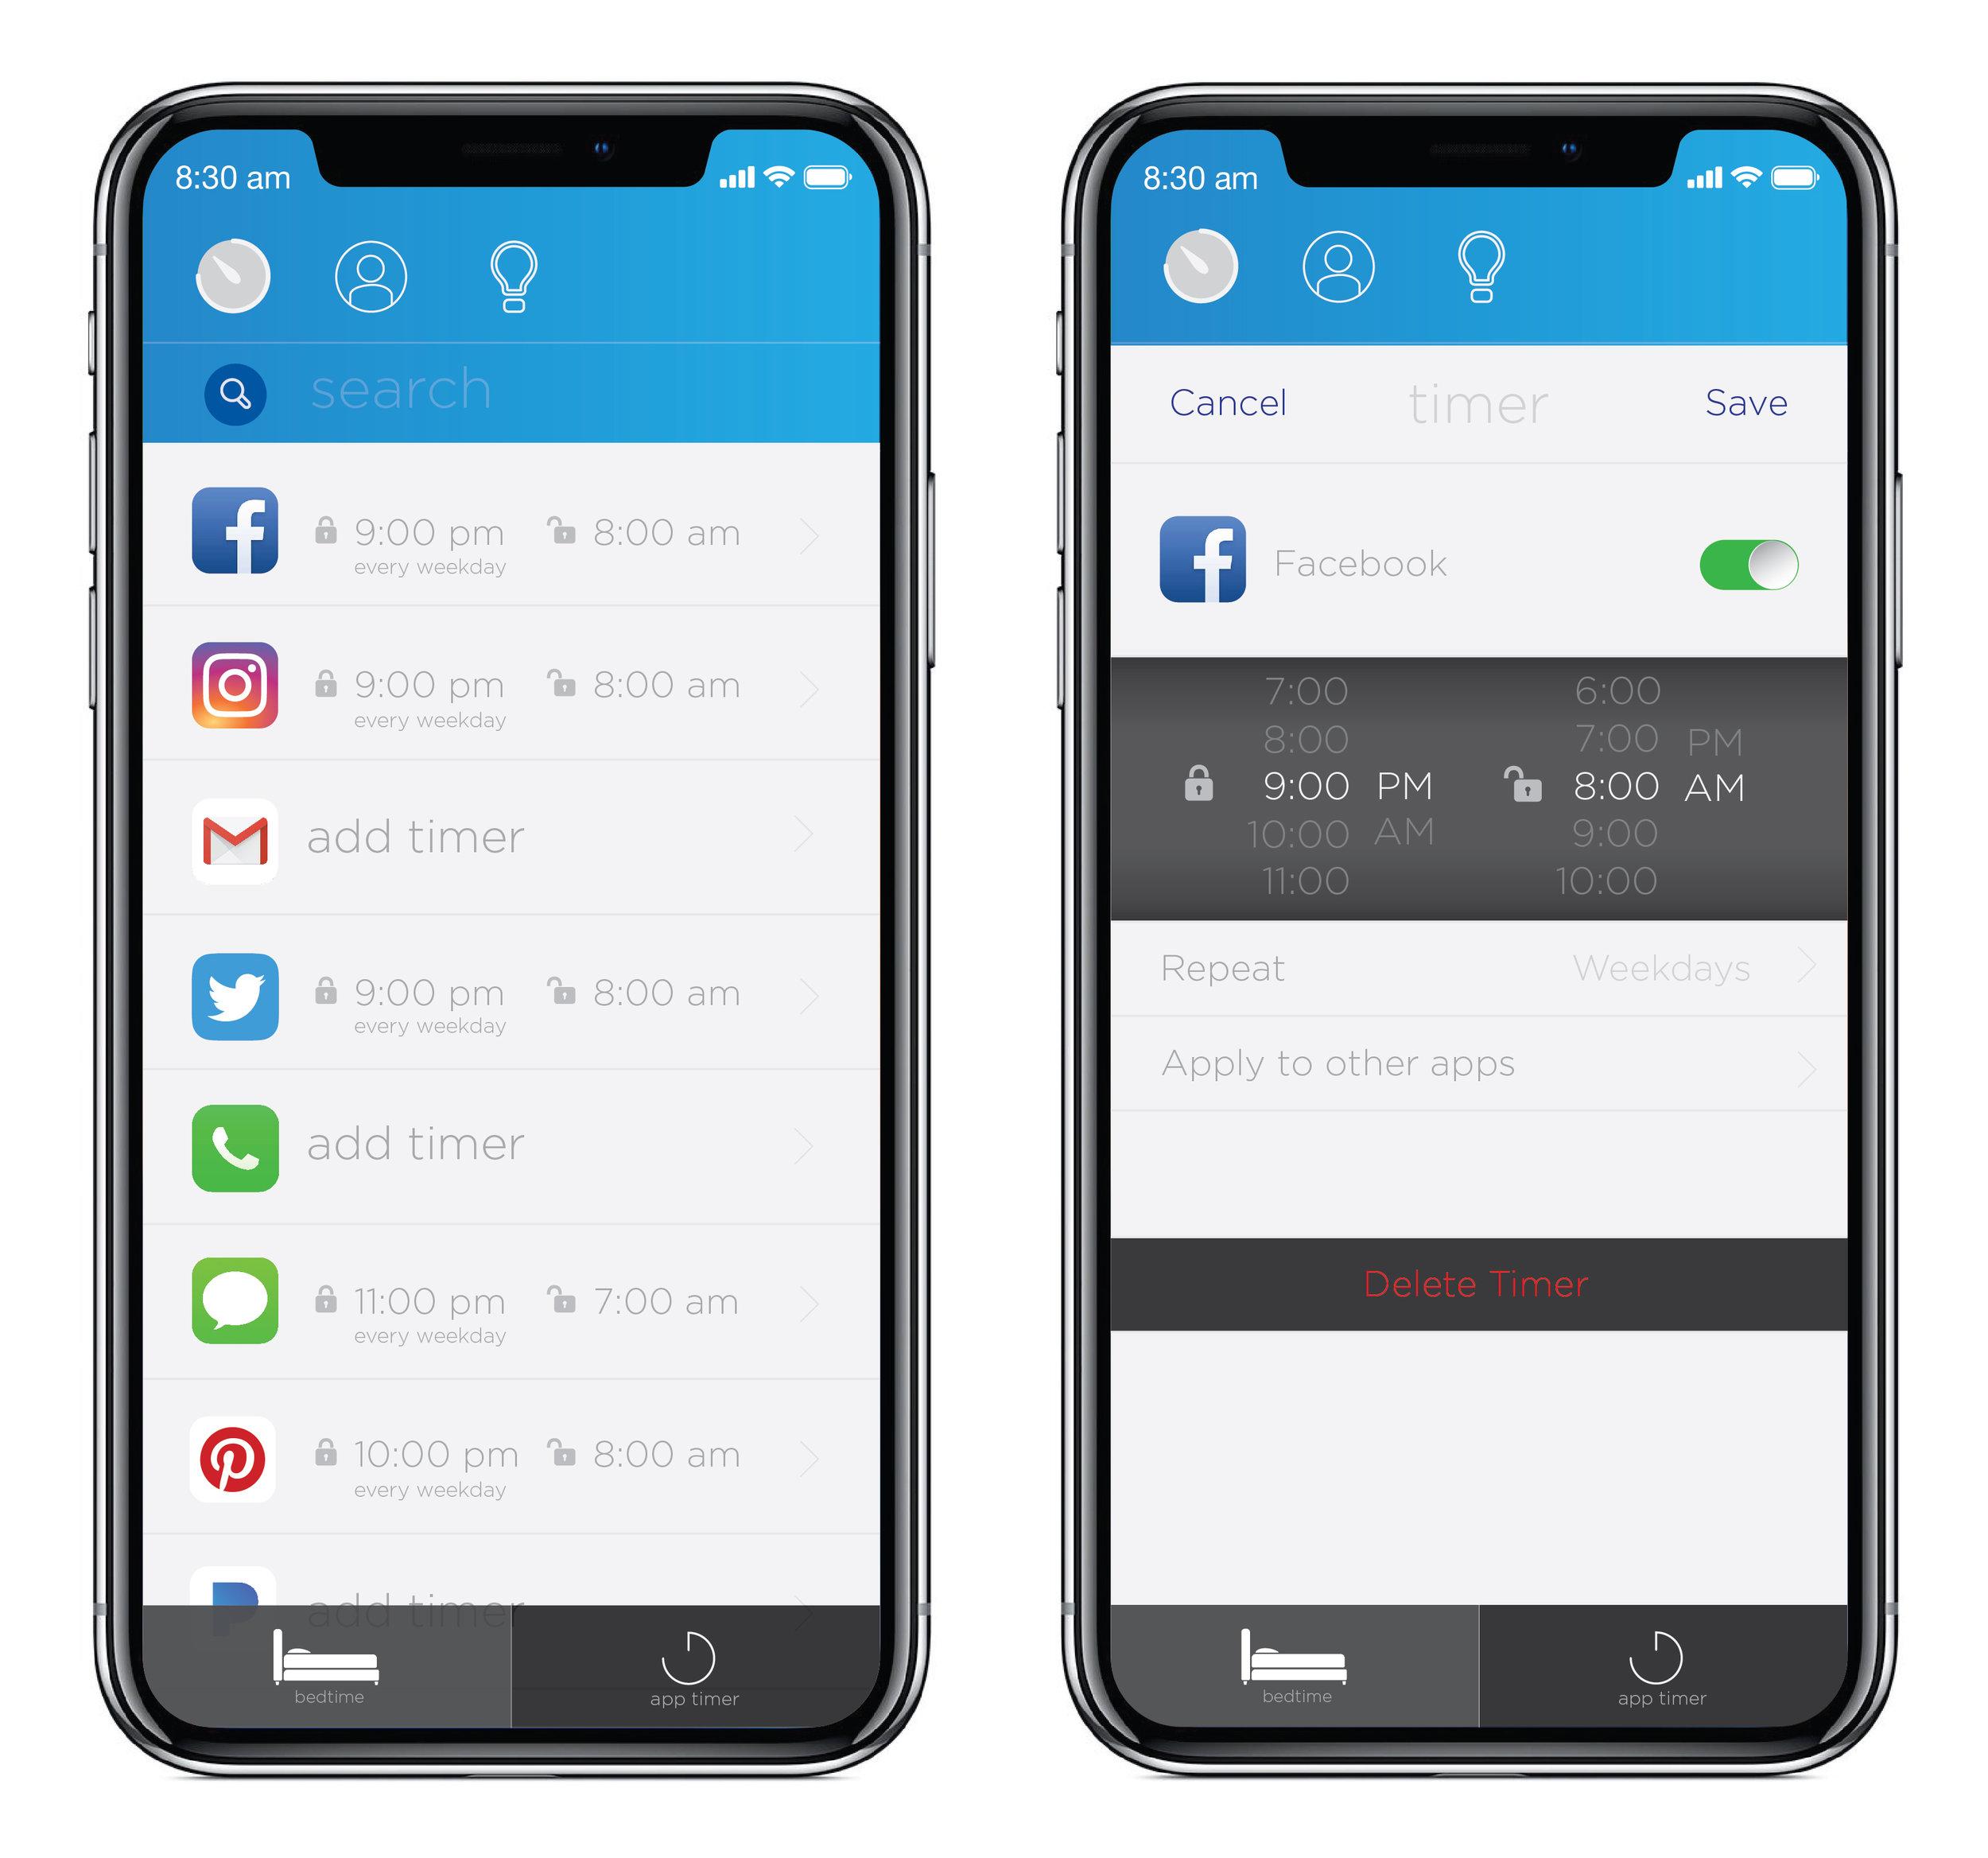 Lester_Phone app.jpg